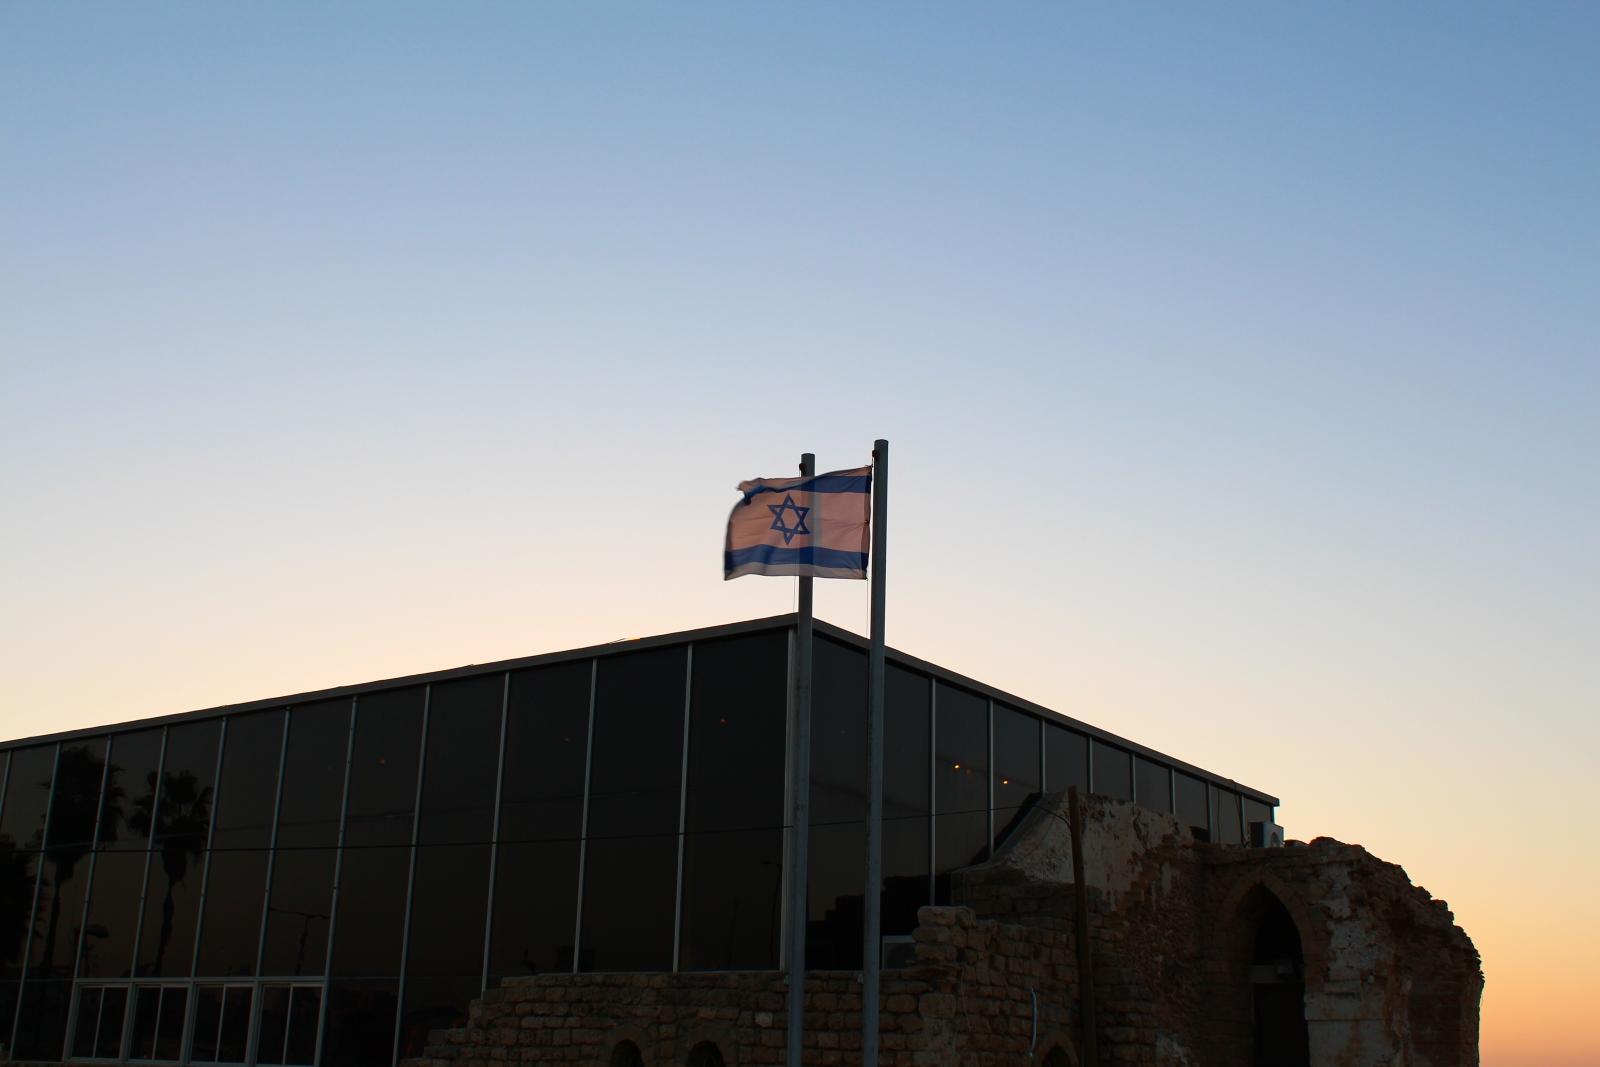 Израильтяне гордятся своим флагом ничуть не меньше американцев